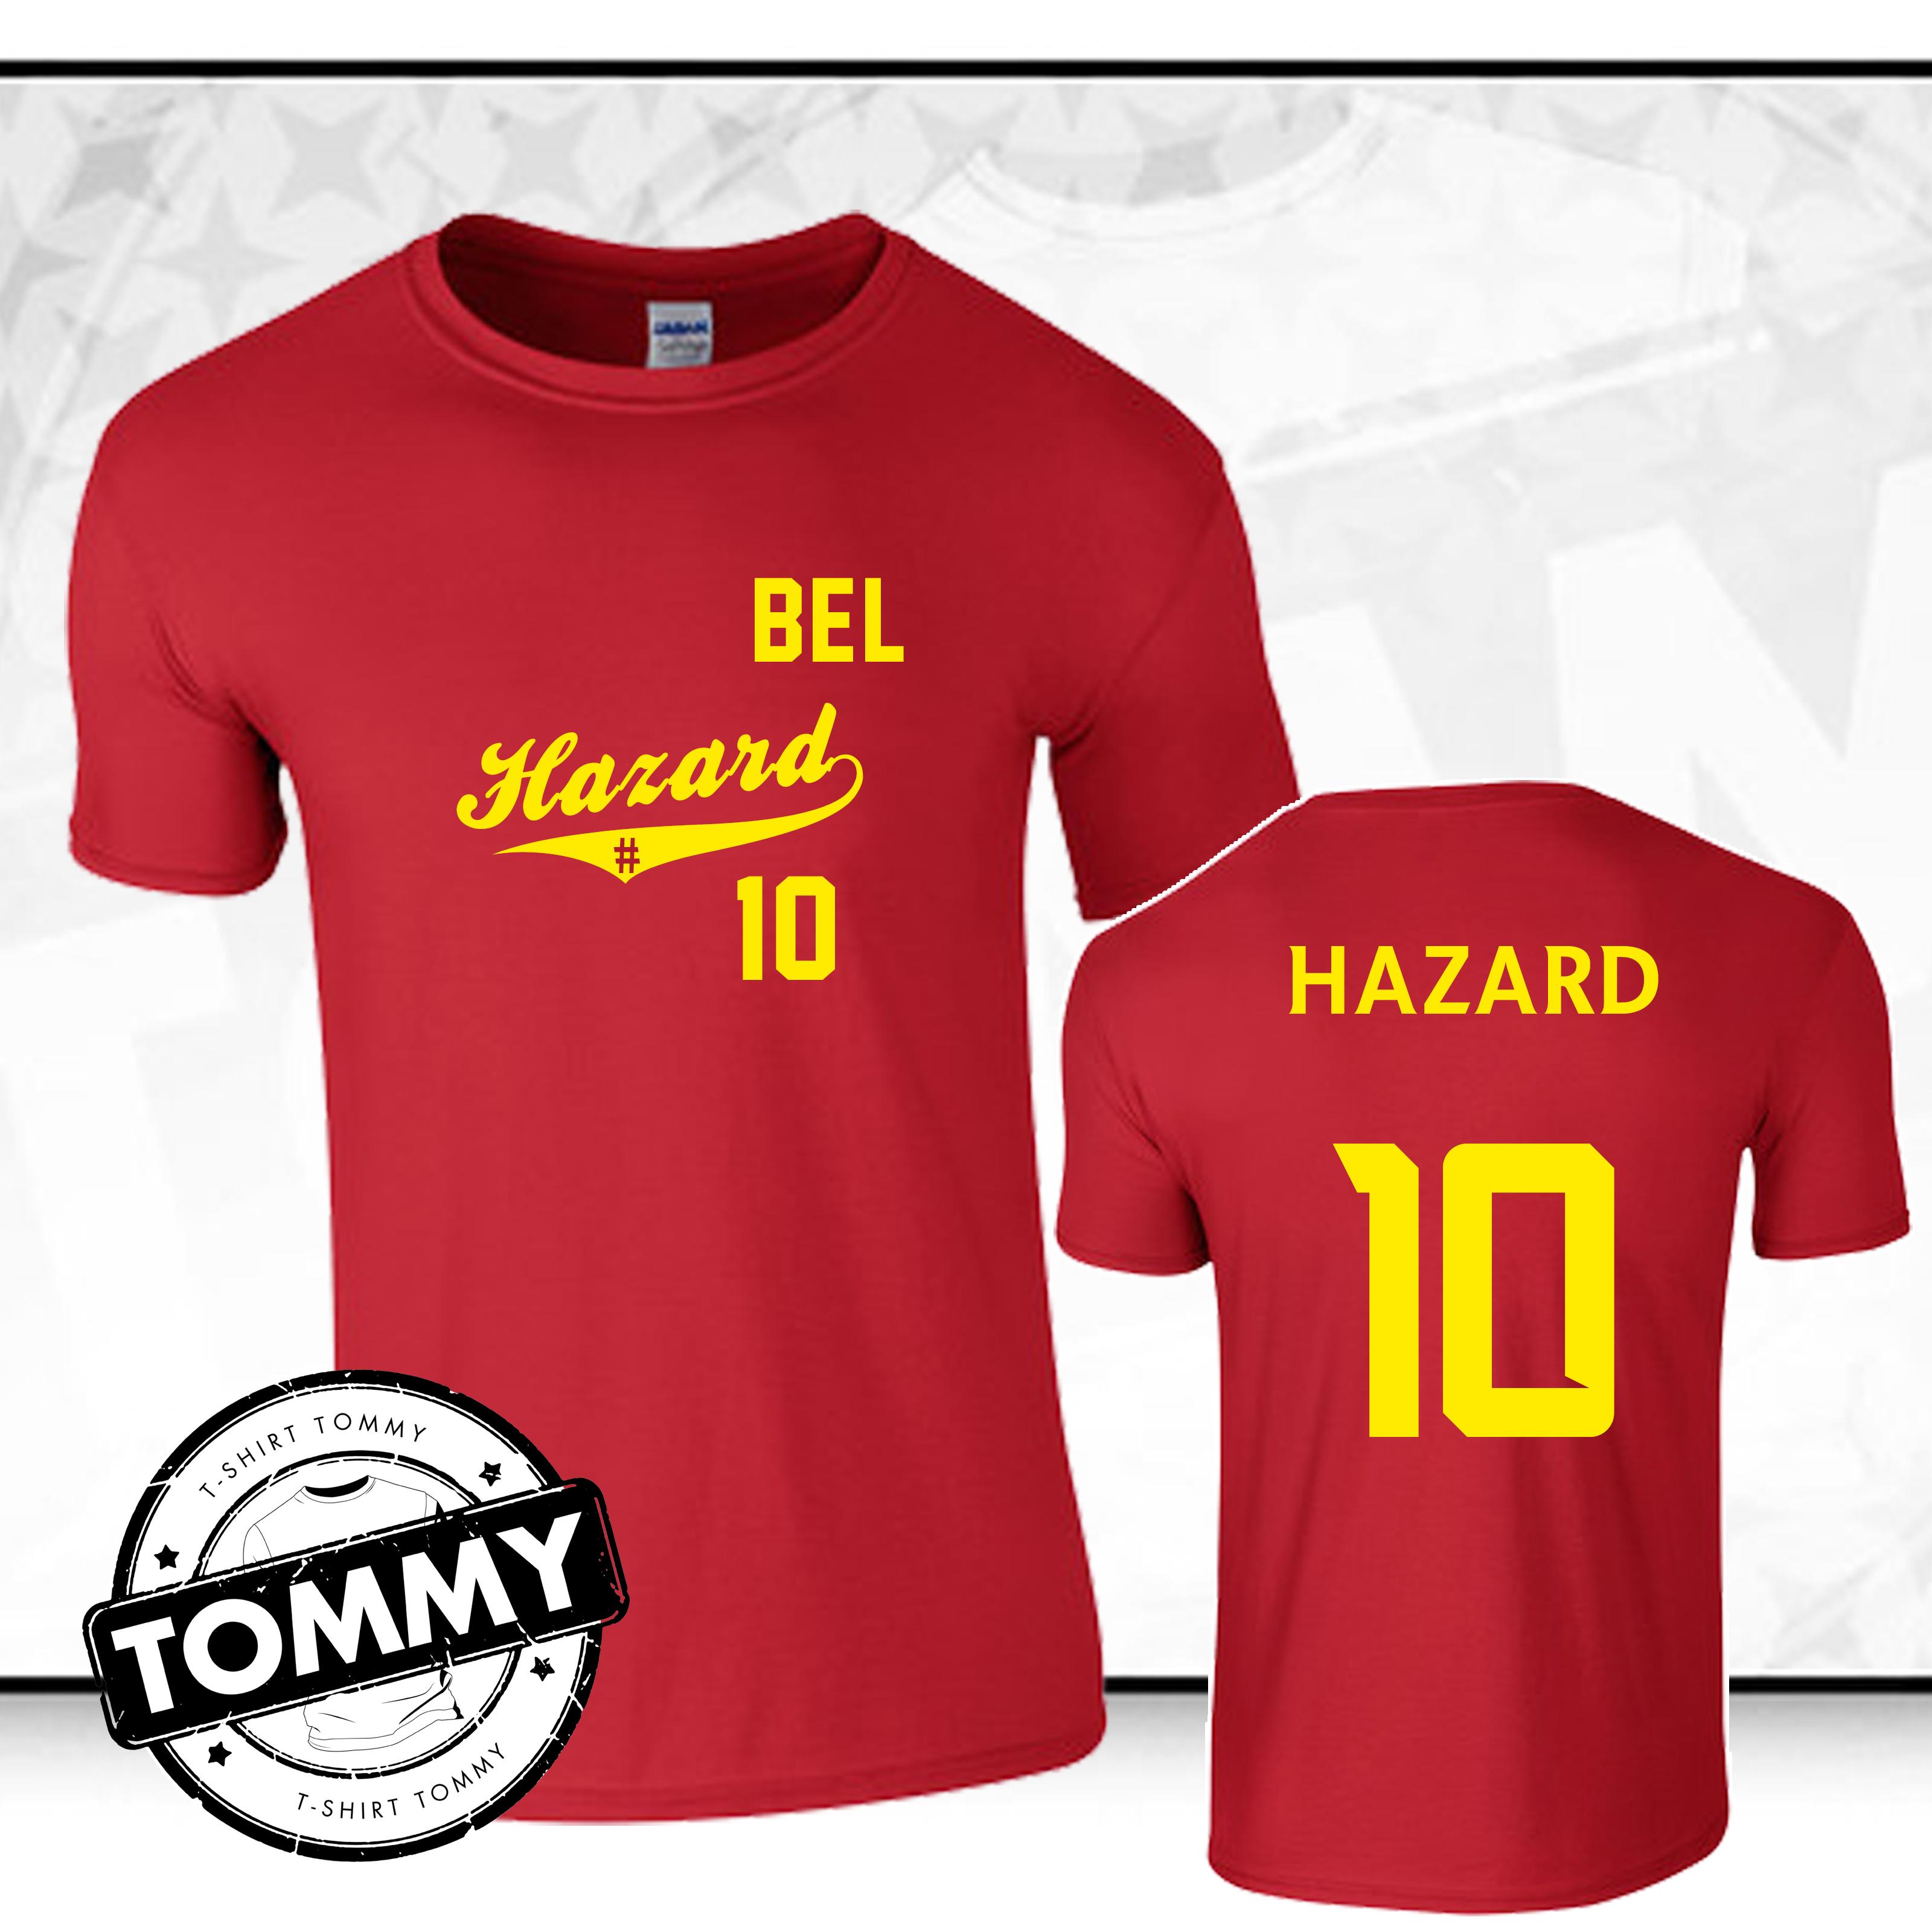 finest selection 2a36d 2fccc Details about Hazard #10 Belgium T-Shirt, Belgium World Cup 2018 Fan  T-Shirt Shirt